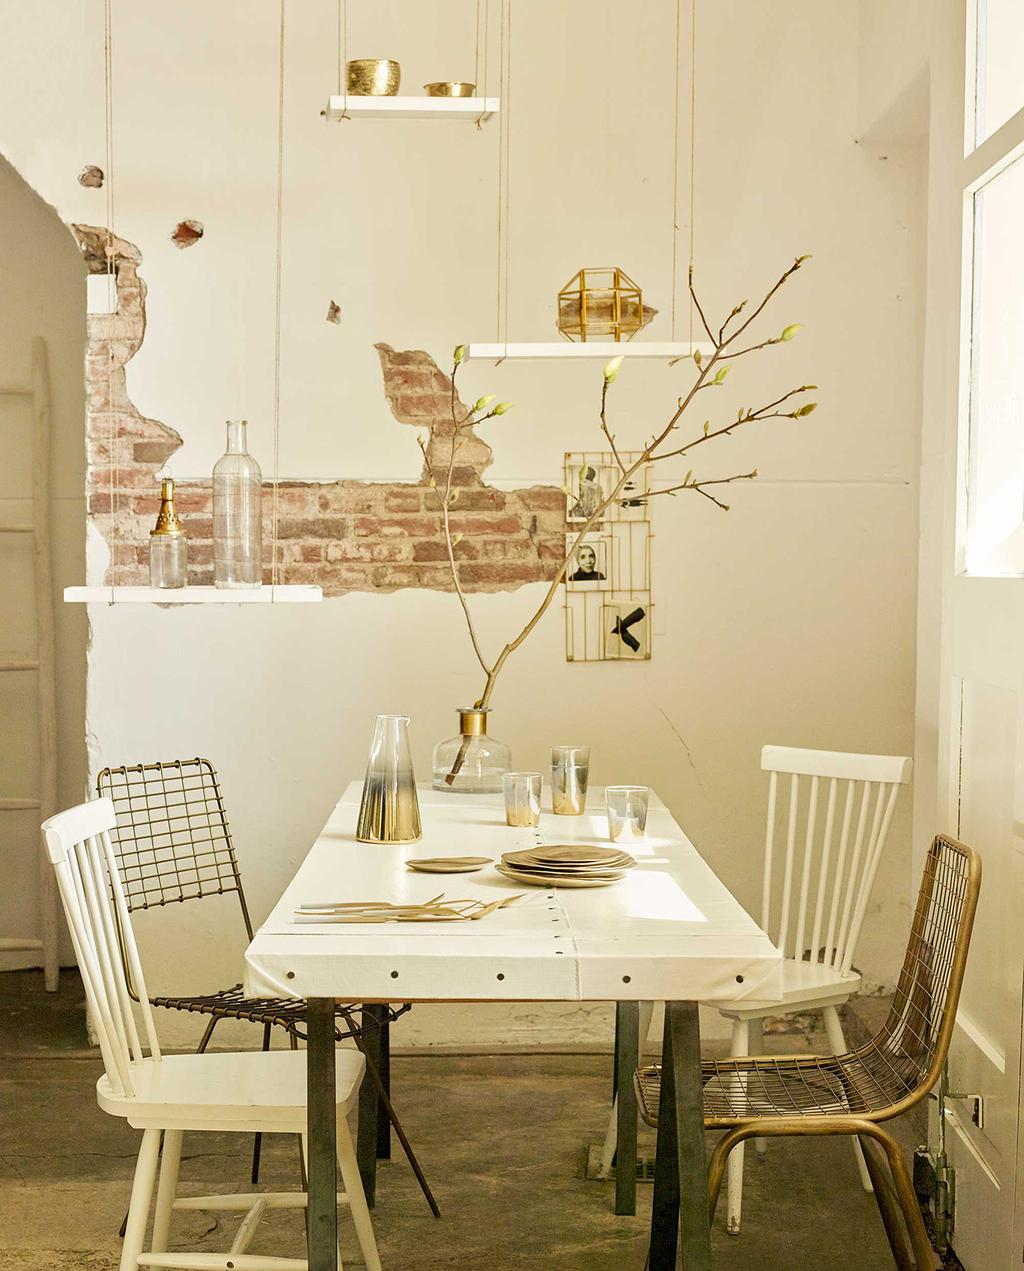 vtwonen 07-2016 | eettafel met witte stoelen en woonaccessoires in goud